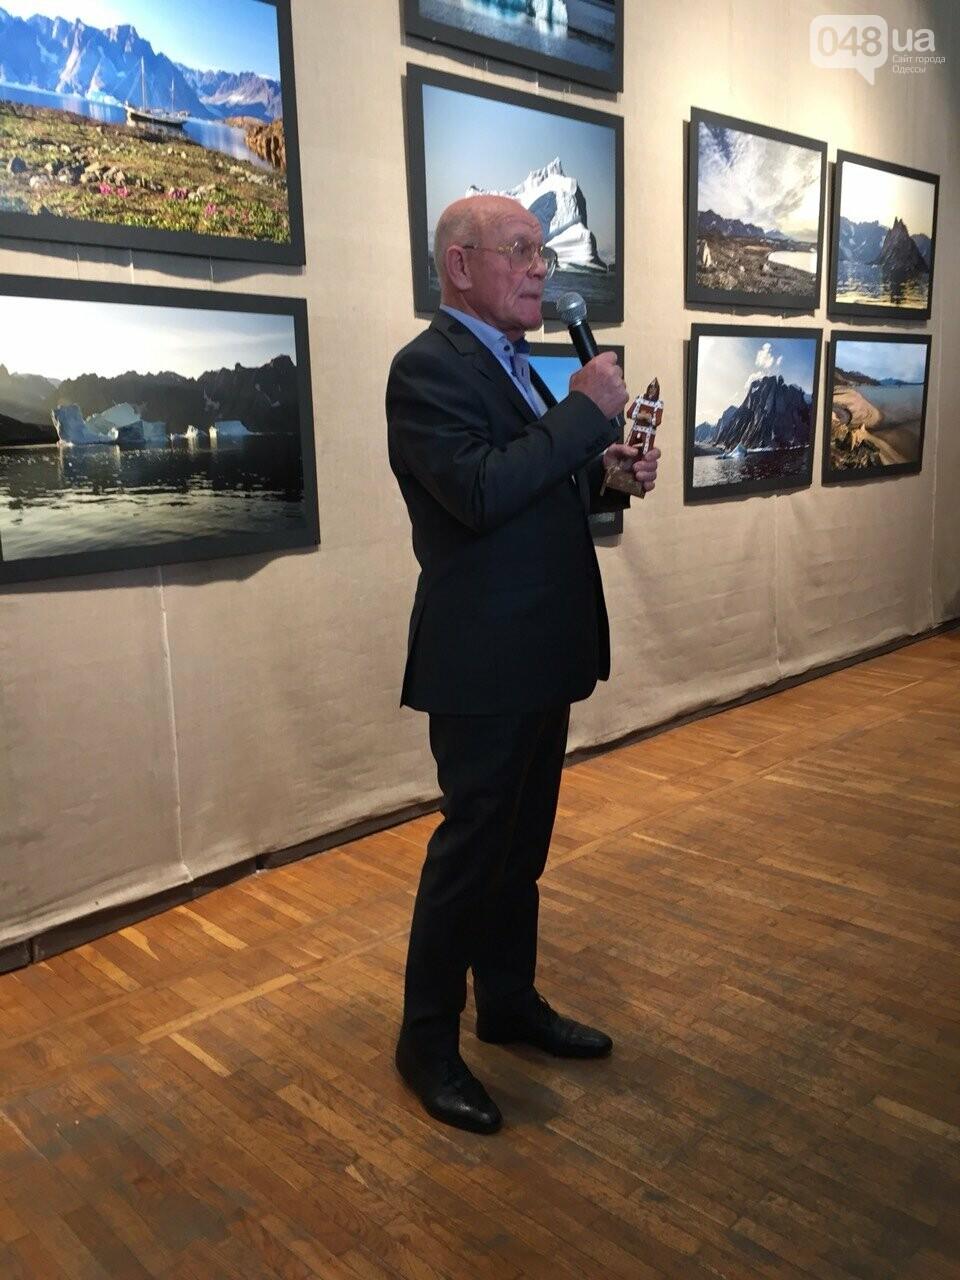 Арктическая сага: На фотовыставке в Одессе можно помочь детям, - ФОТО, ВИДЕО, фото-17